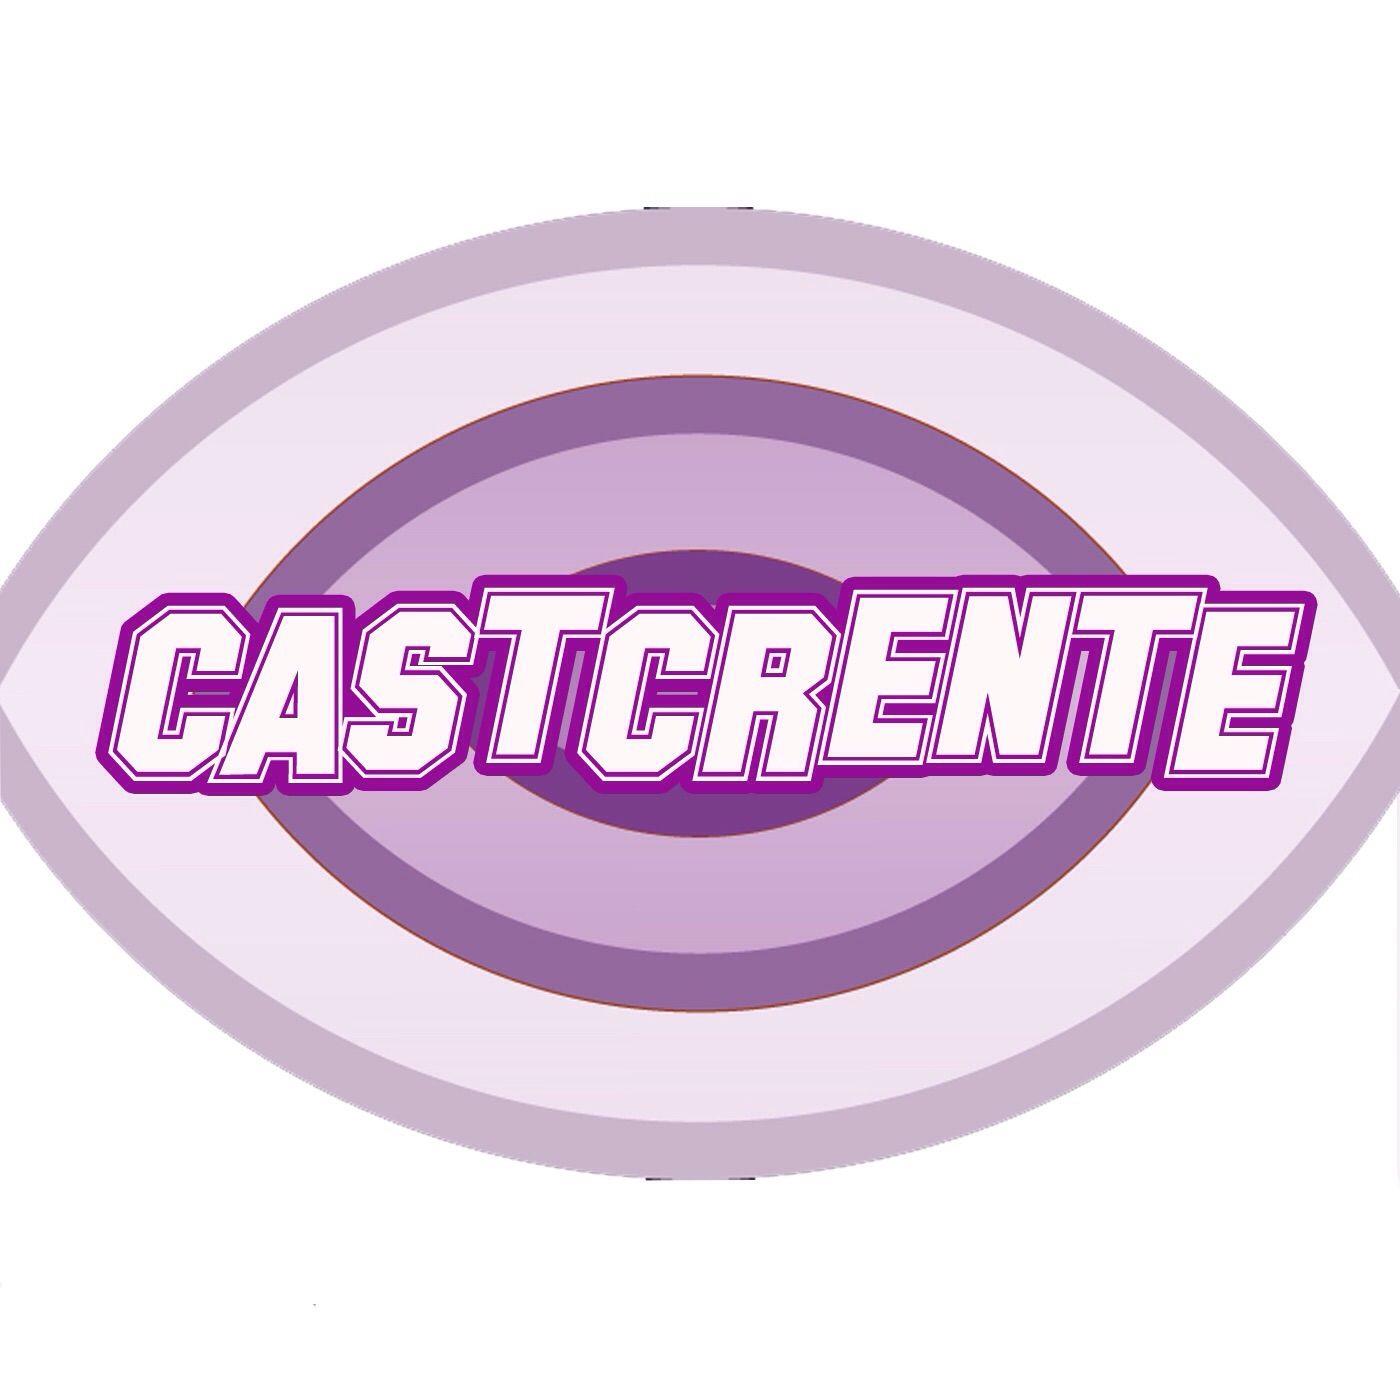 Castcrente